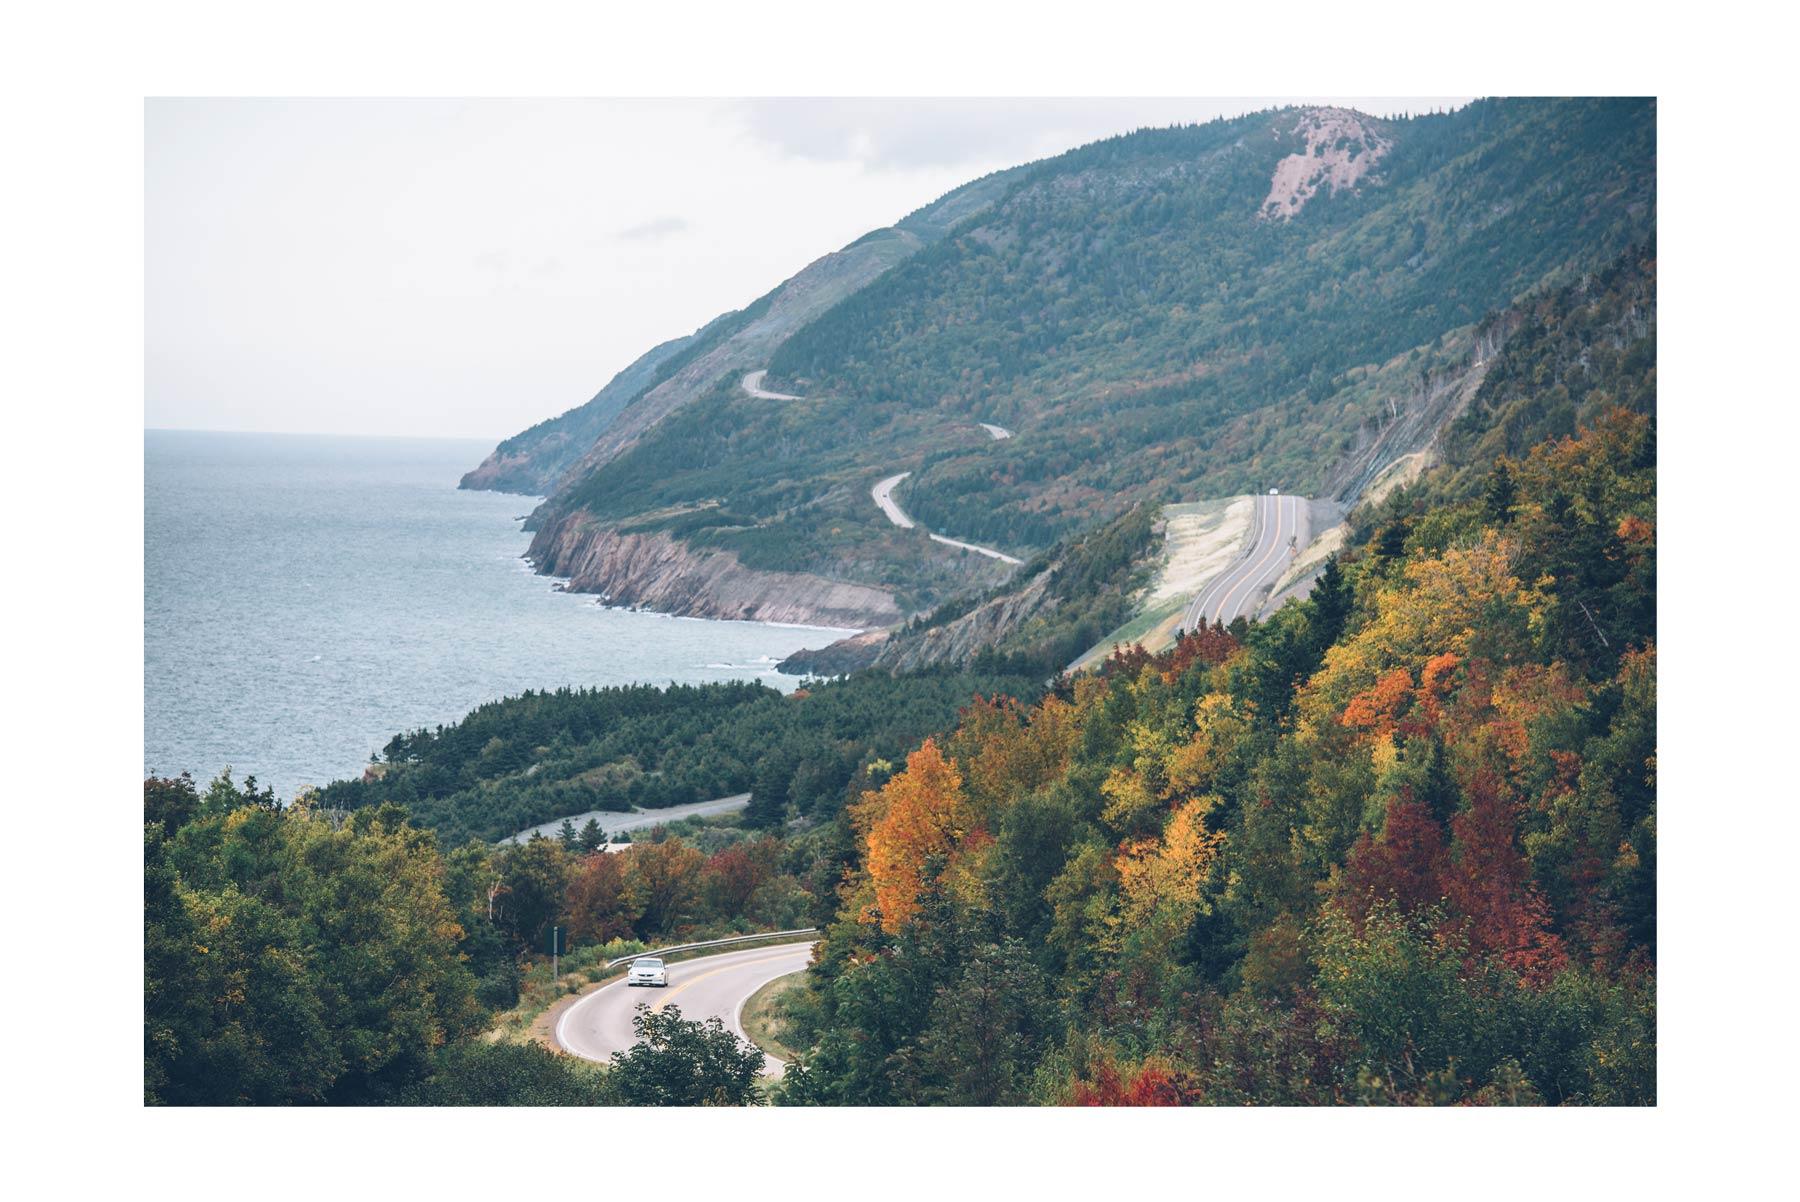 Cabot Trail, Nova Scotia, Canada